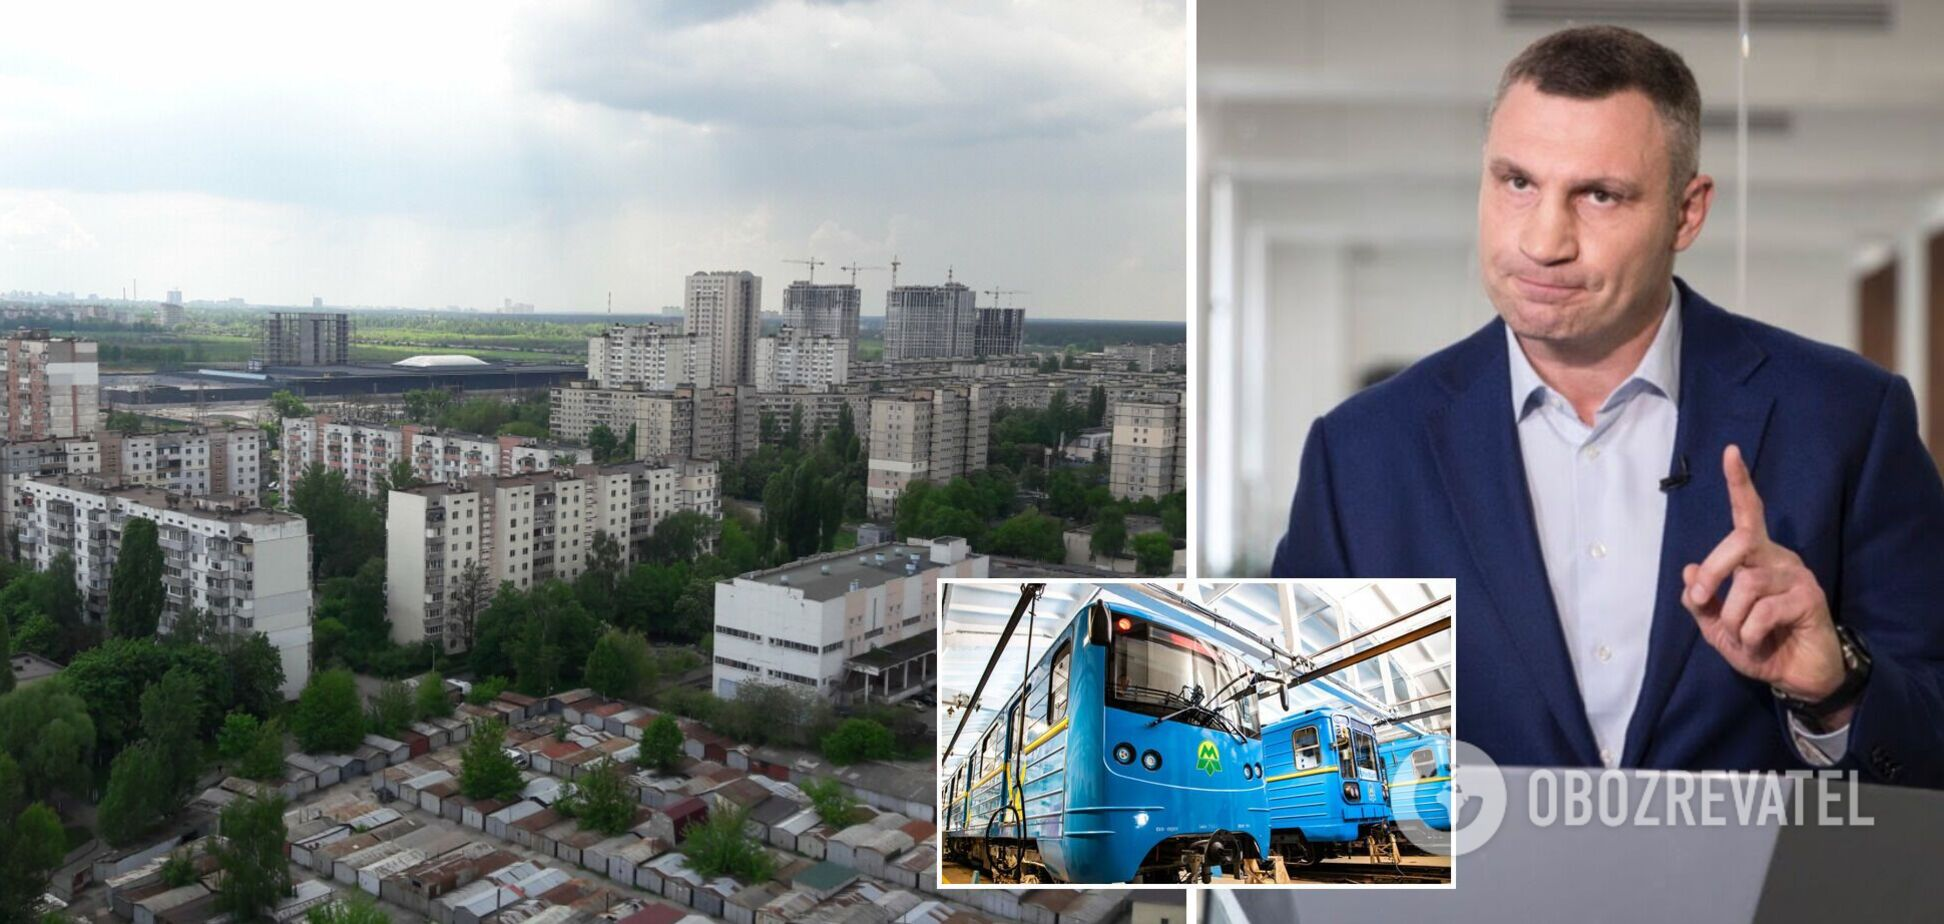 В Киеве до конца 2021 года появится новая станция метро: Кличко раскрыл детали